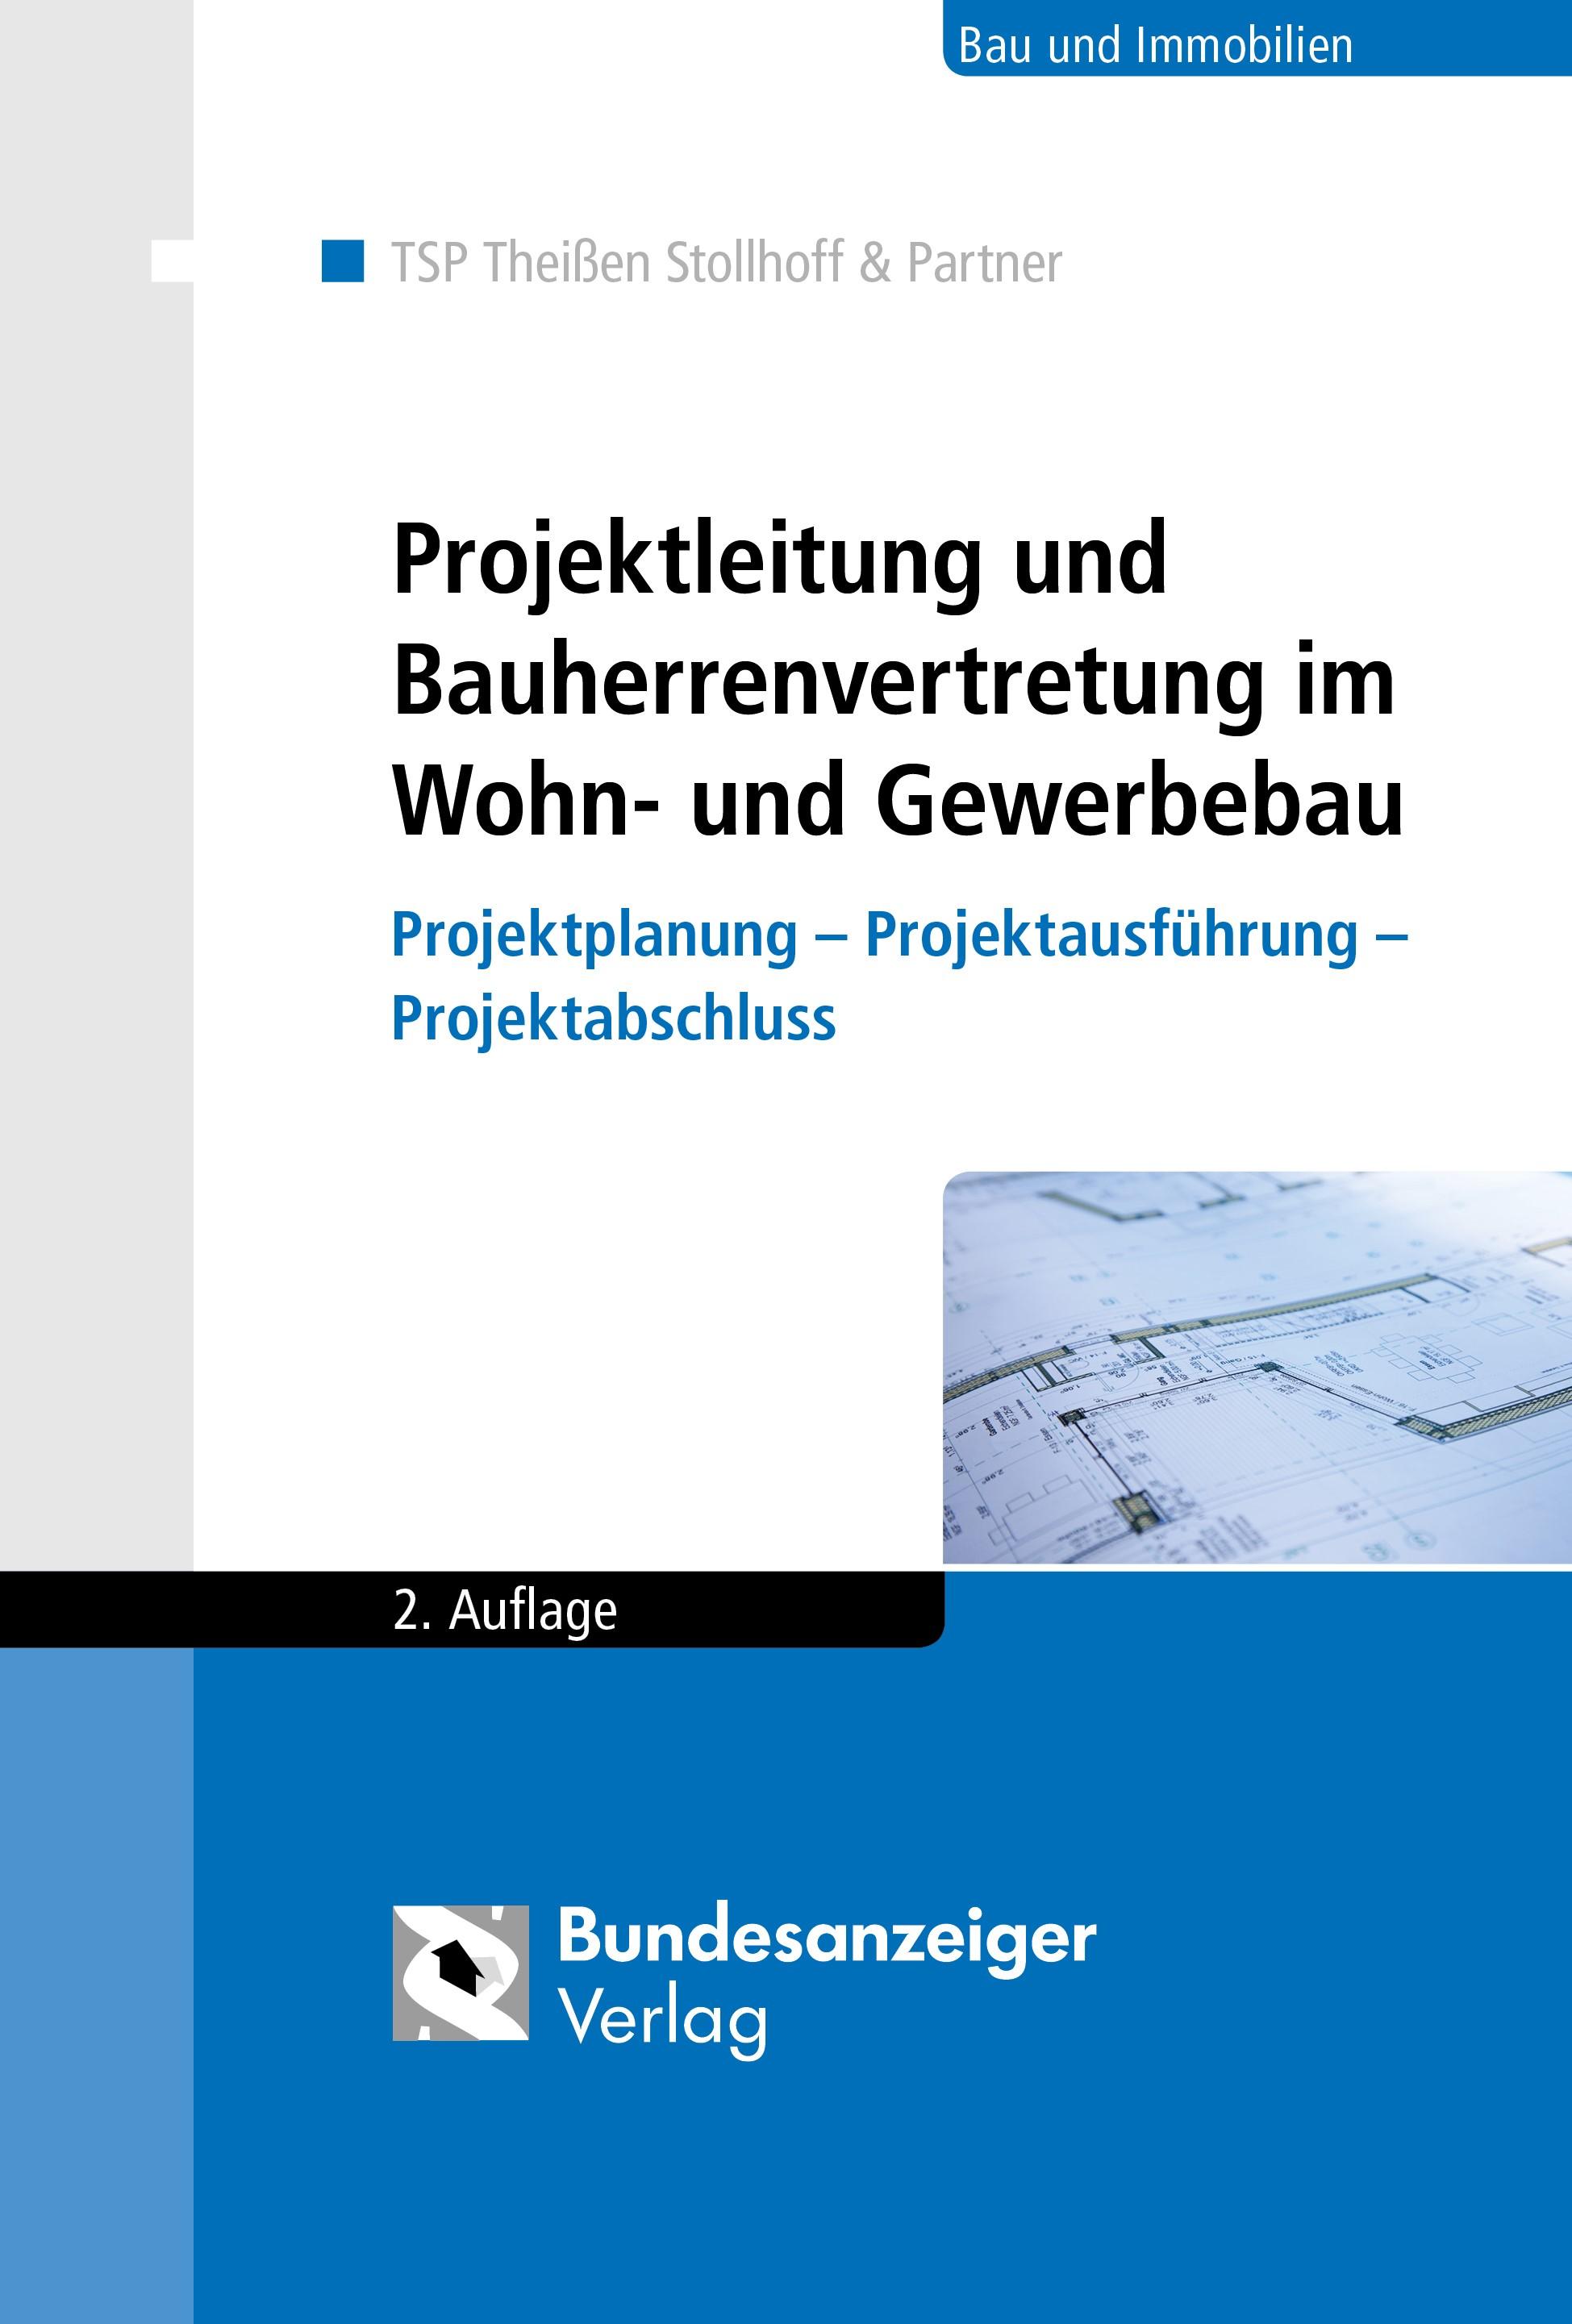 Projektleitung und Bauherrenvertretung im Wohn- und Gewerbebau | TSP - Theißen & Stollhoff & Partner | 2., vollständig überarbeitete Auflage, 2017 | Buch (Cover)